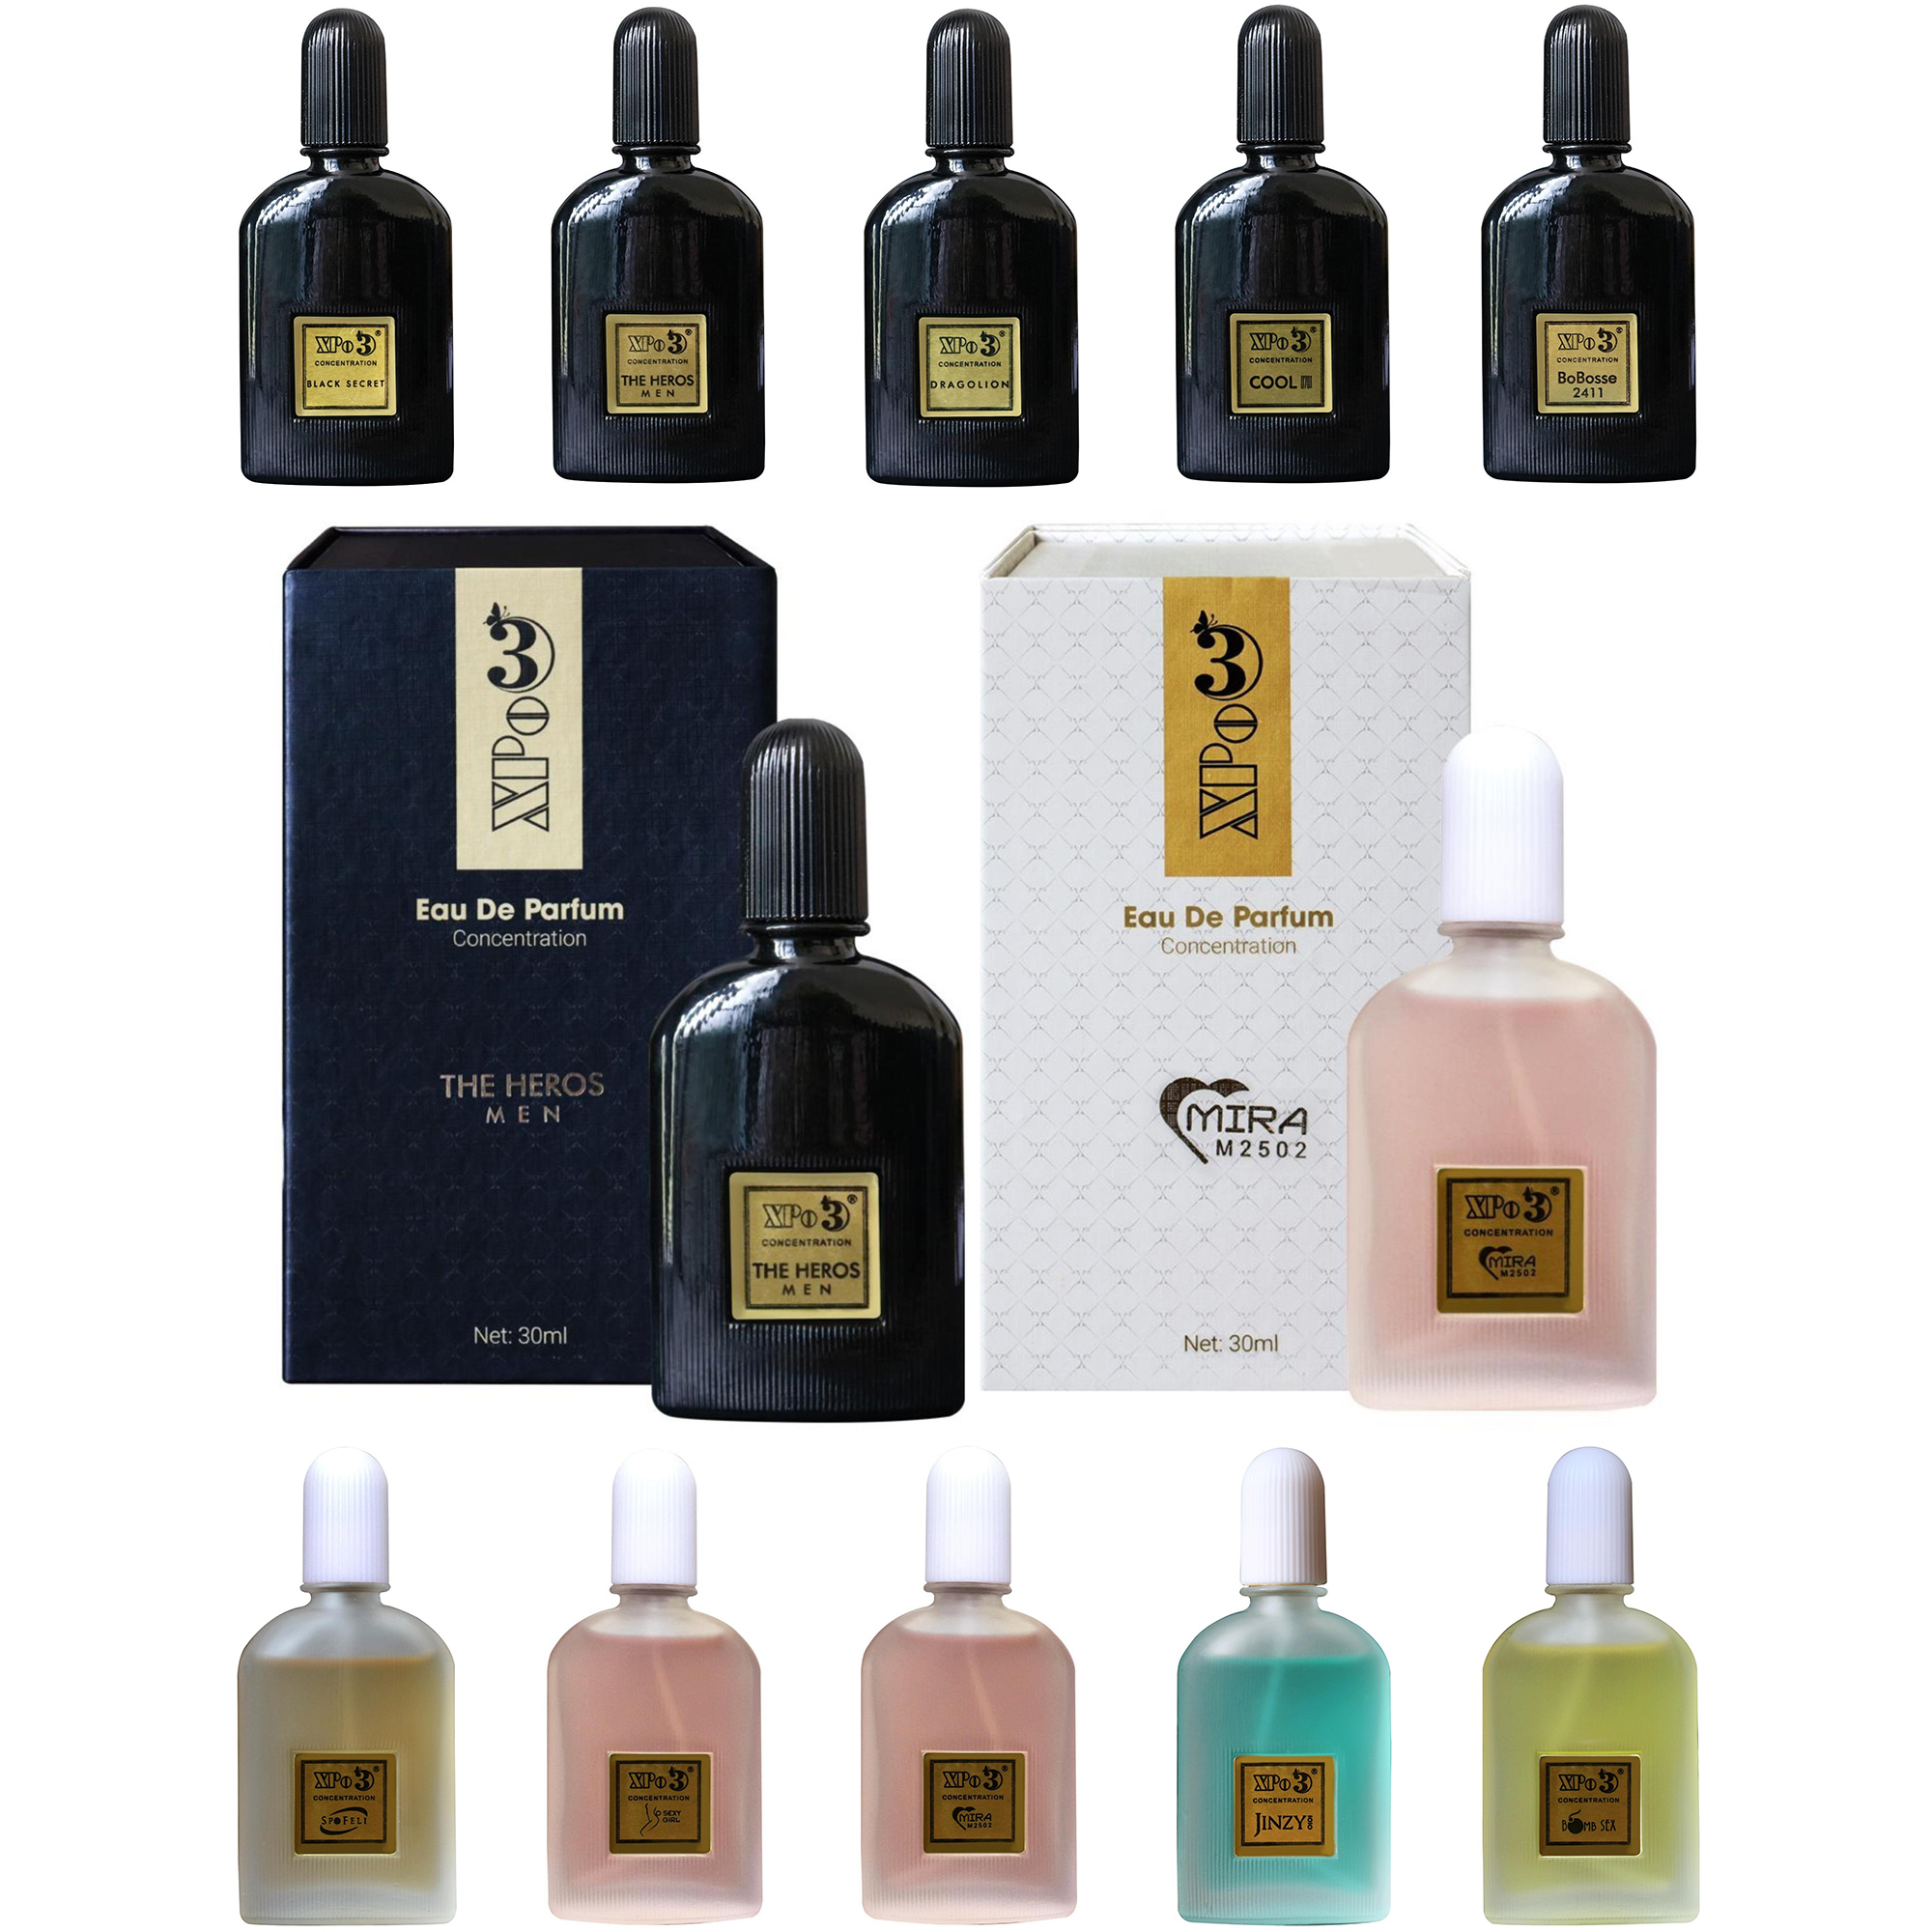 10 Set Nước hoa Nam & Nữ XBeauty XPo3 30ml. Tinh dầu thơm nước hoa cô đặc thơm lâu có 10 mùi tùy chọn